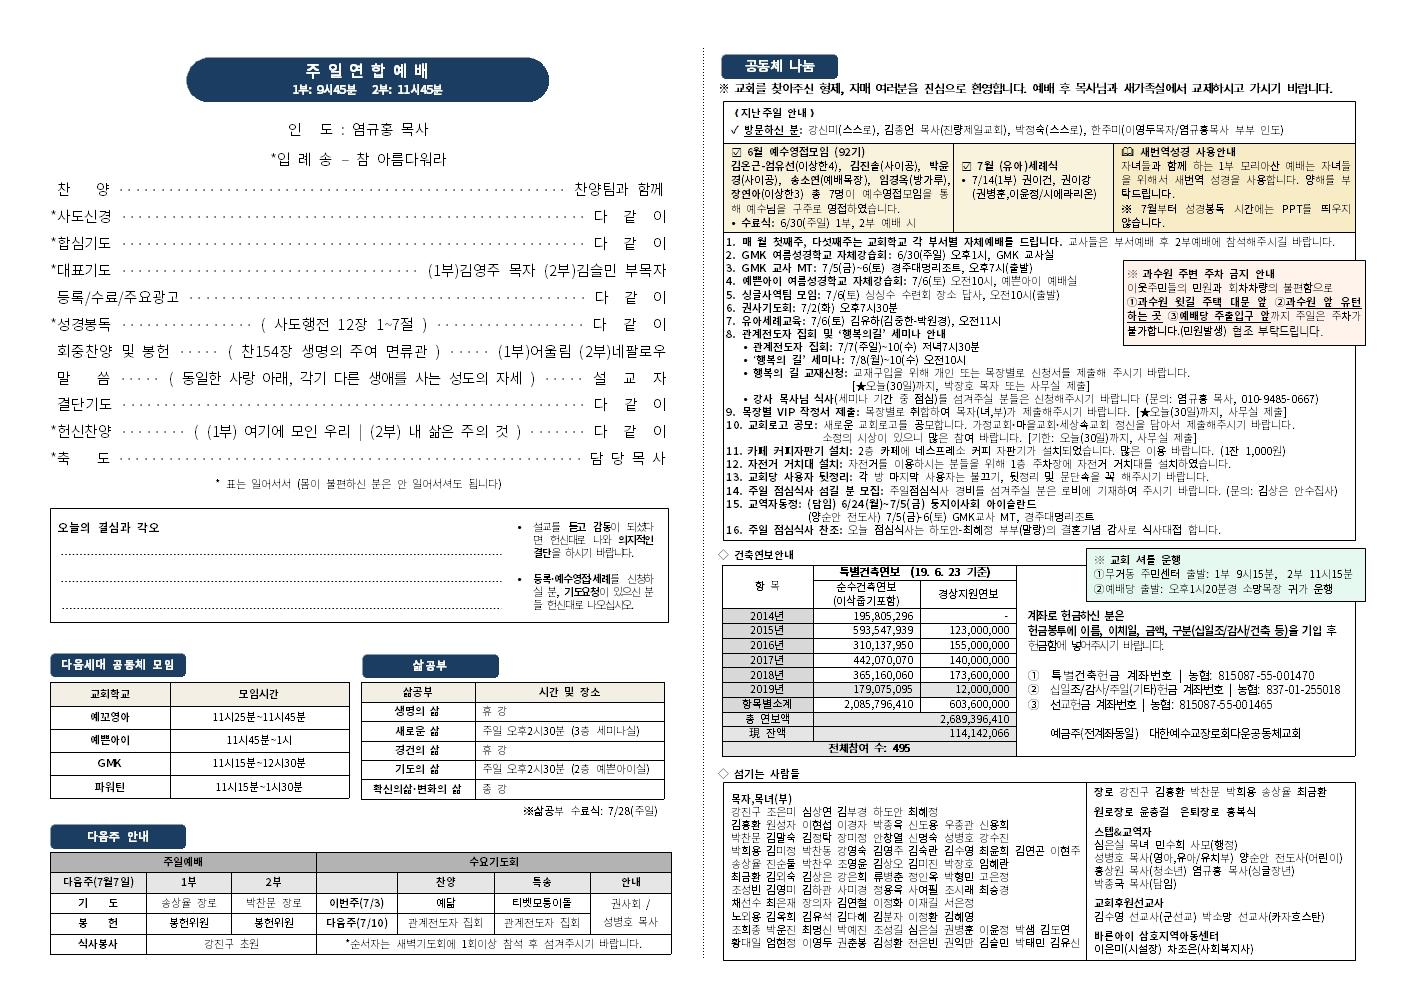 001_구영리교회주보_2019_07-08월002.jpg